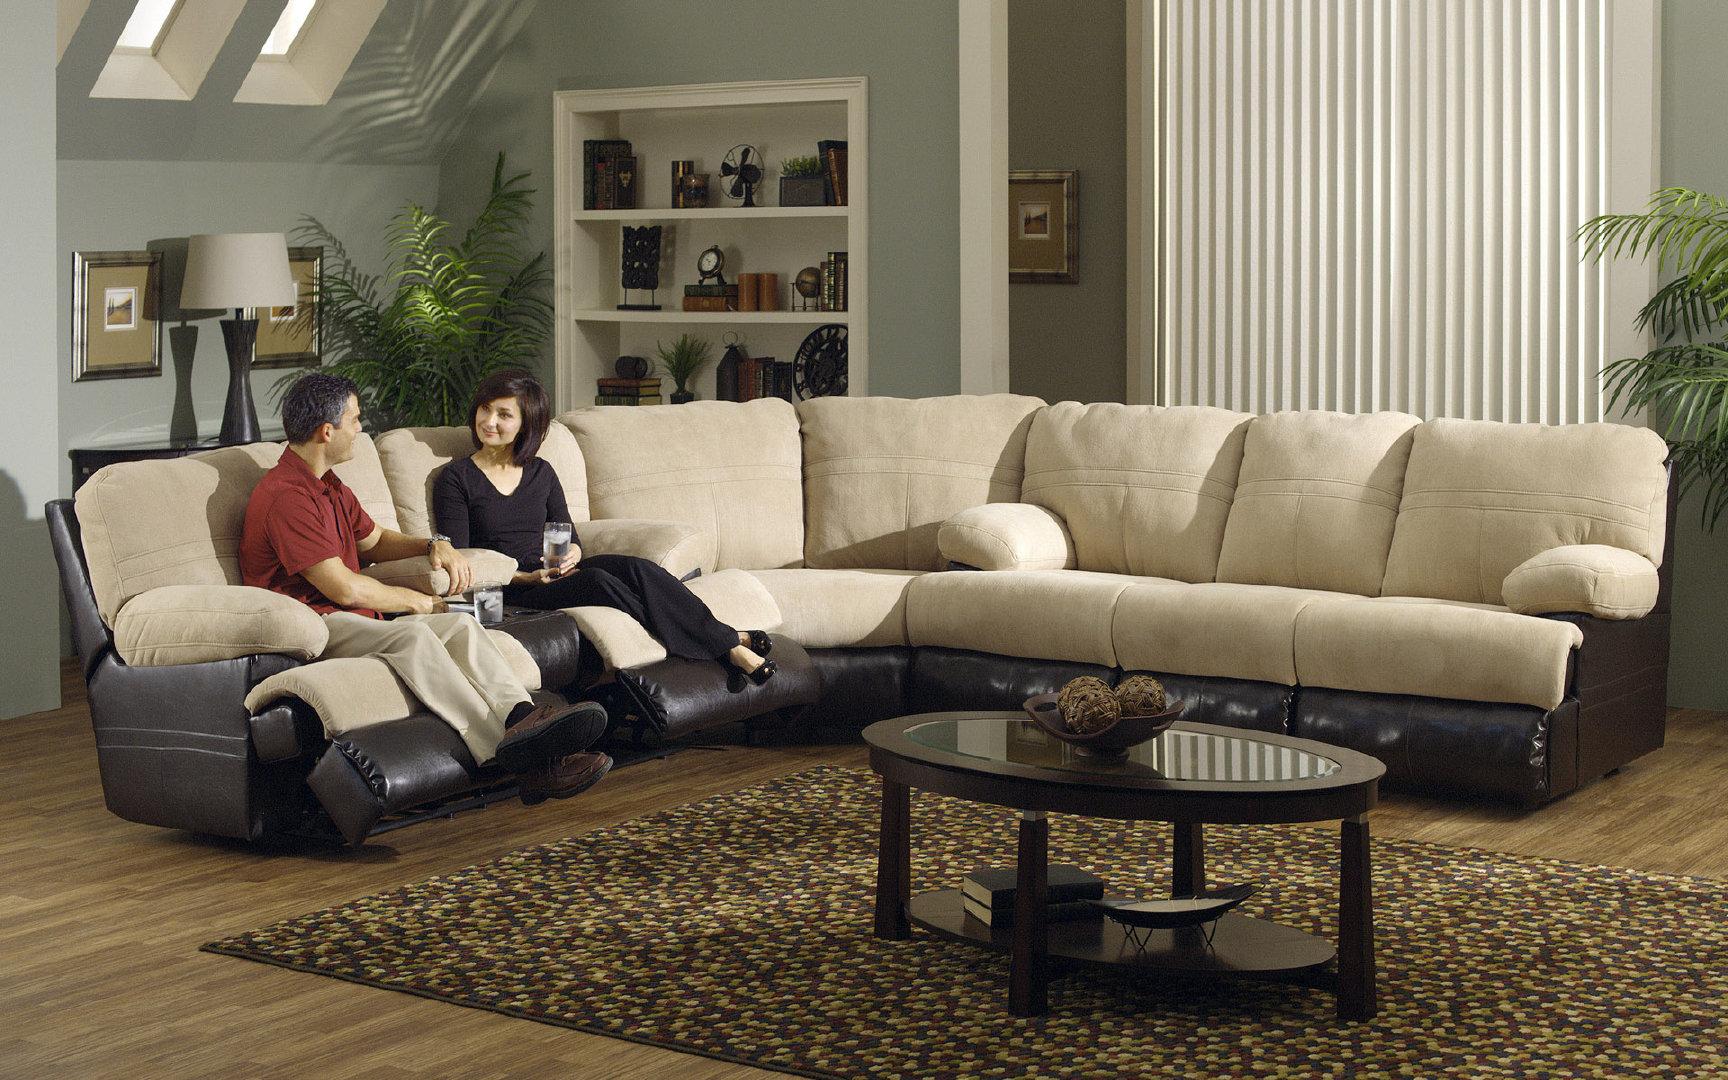 客厅写真 第二辑2K高清图片素材